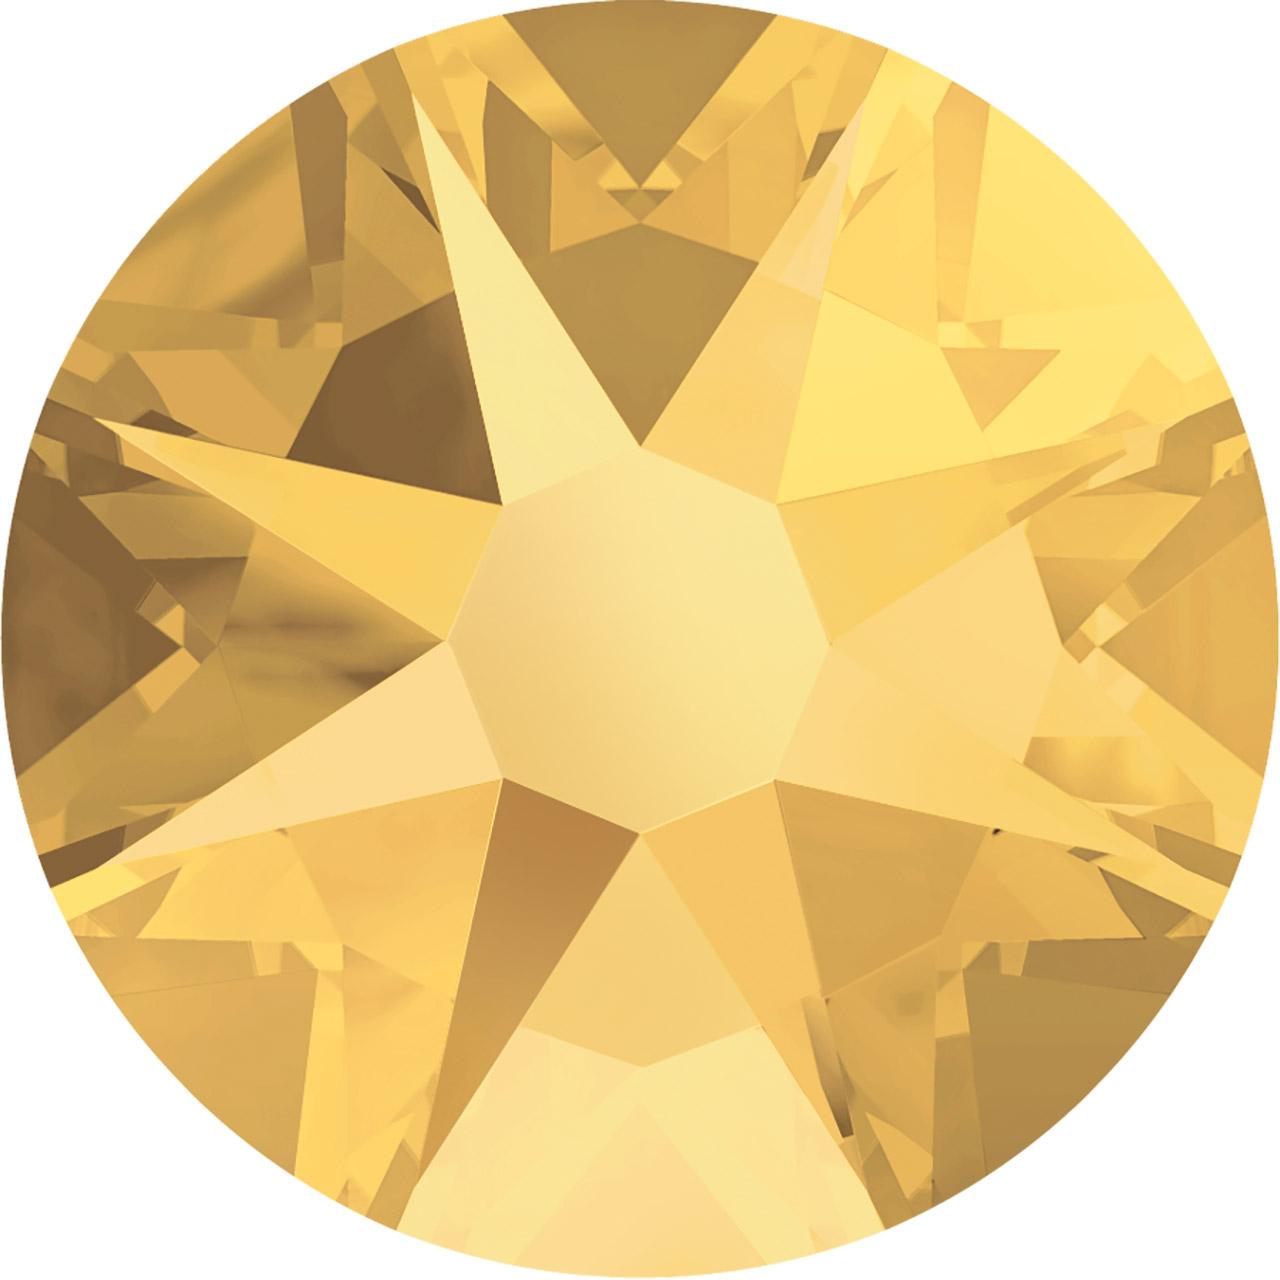 Rhinestone - Metallic Sunshine